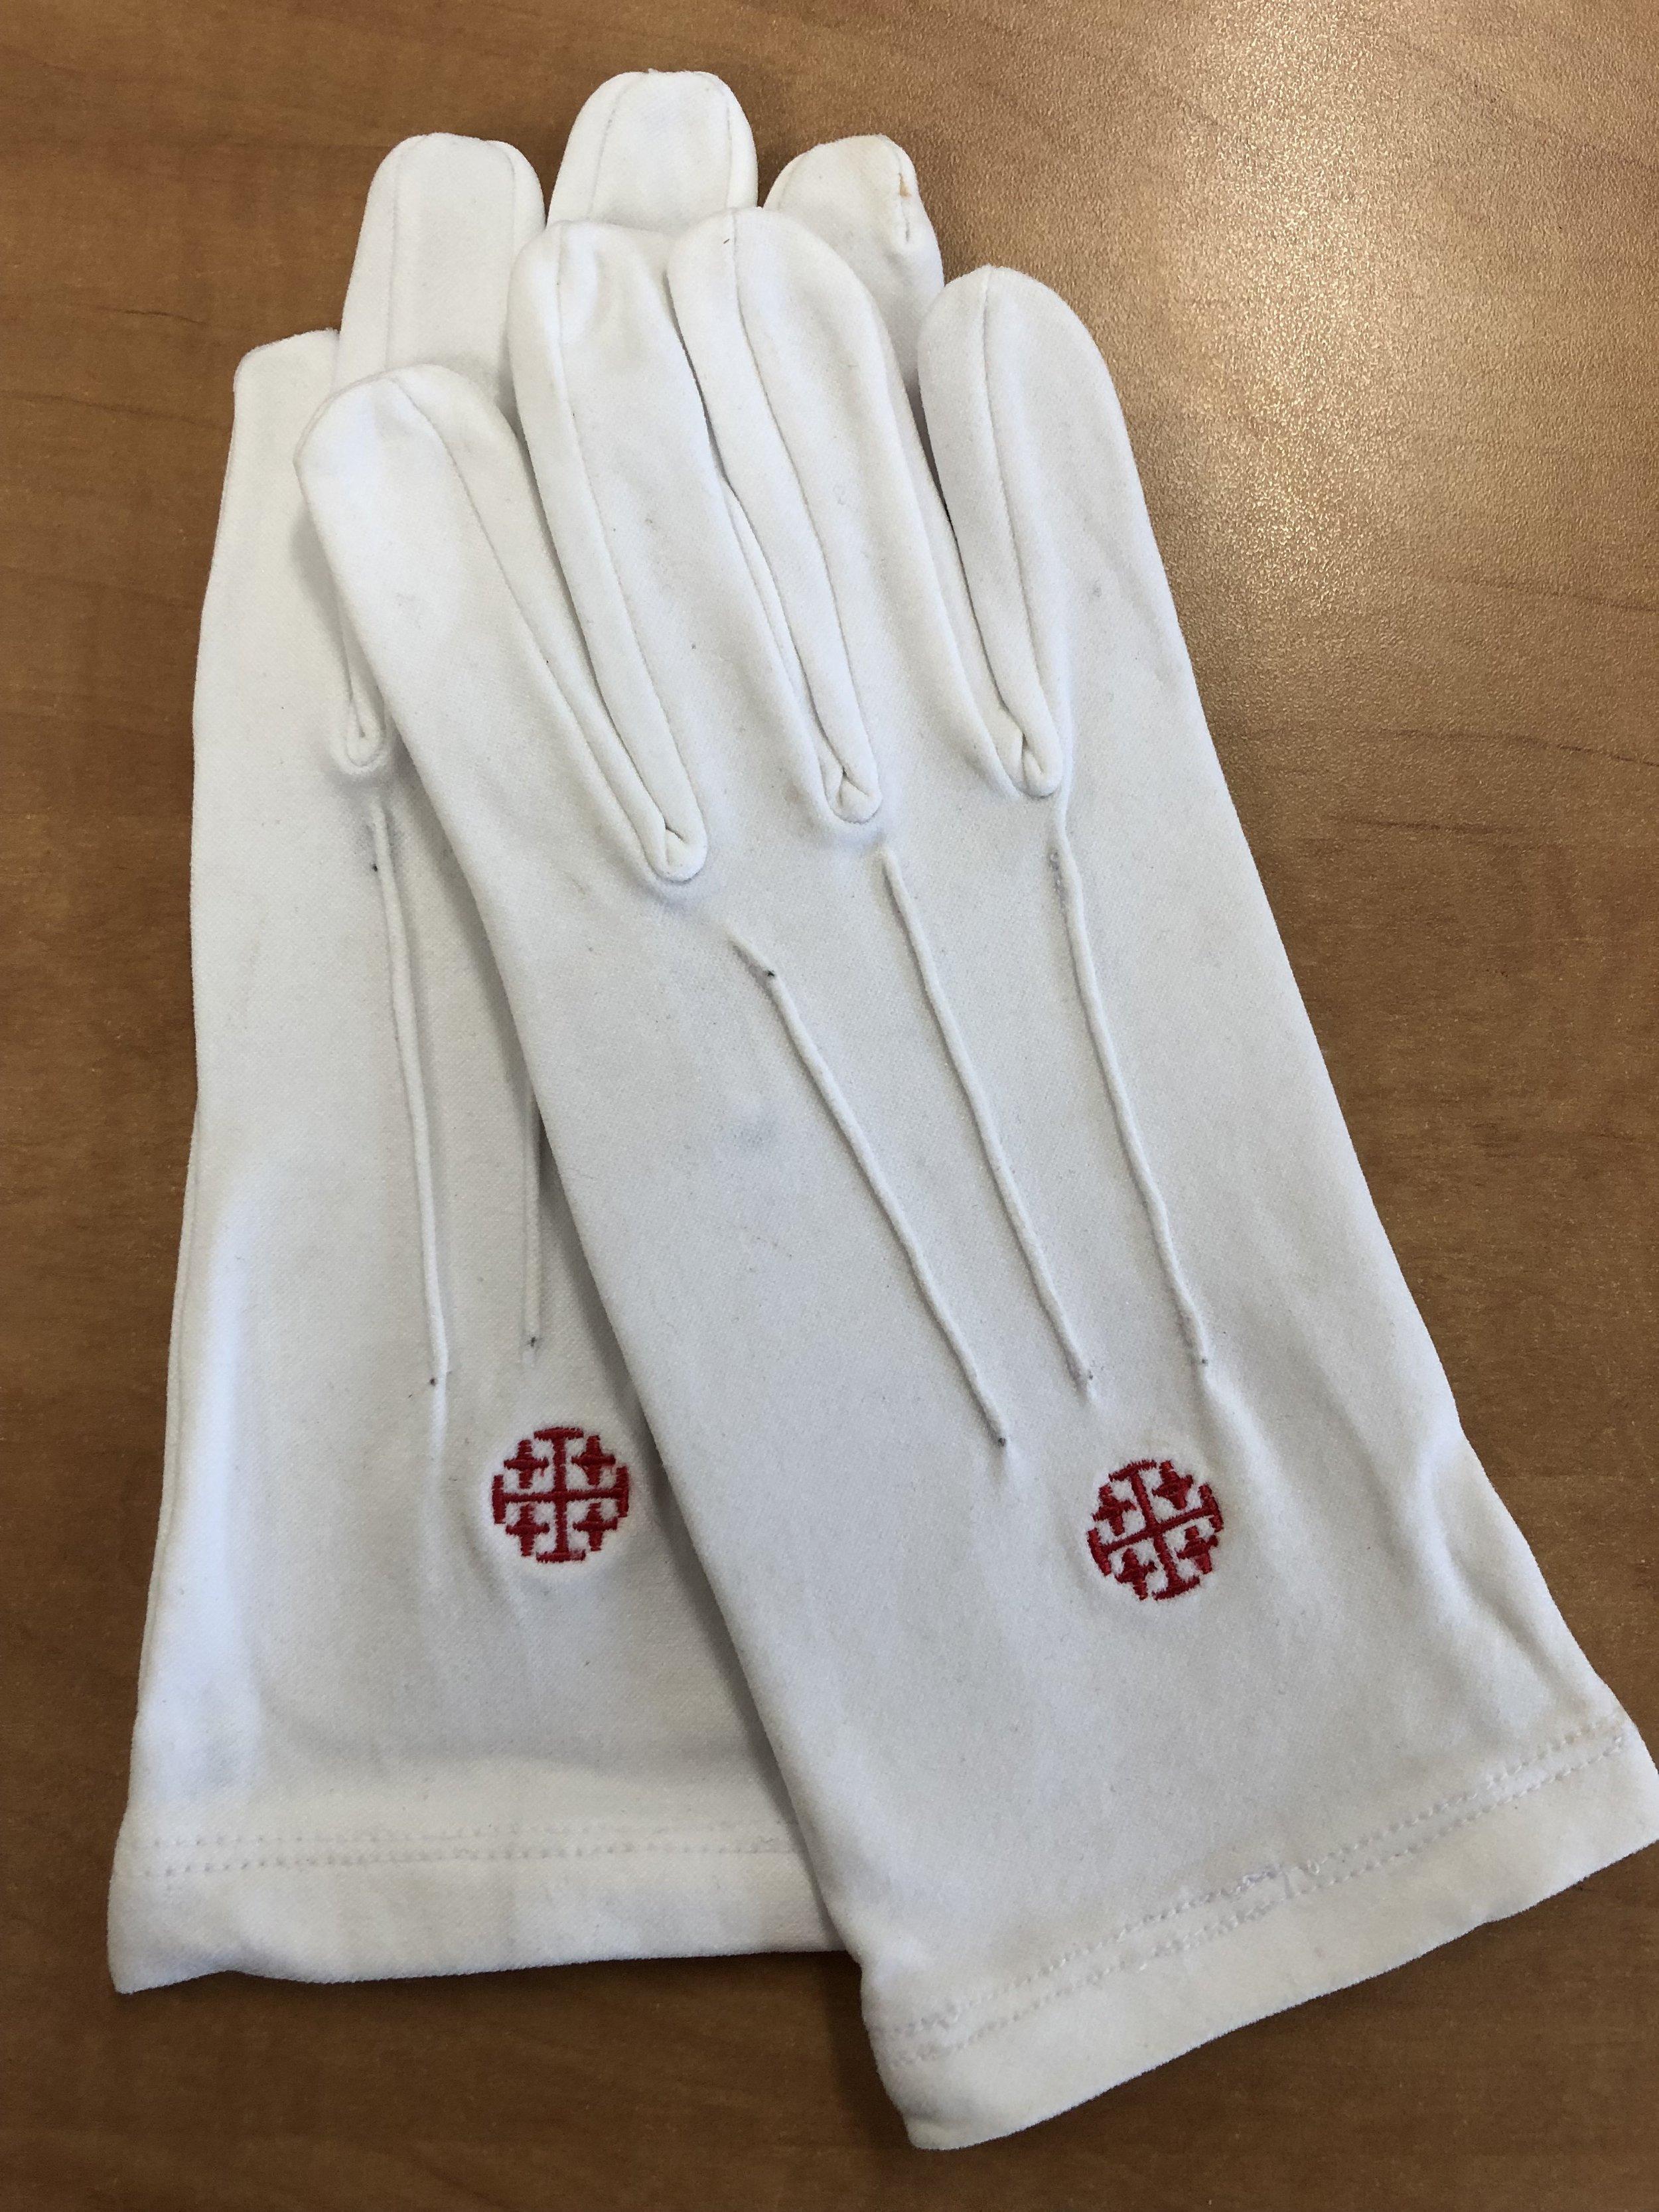 gants OESSJ.jpg